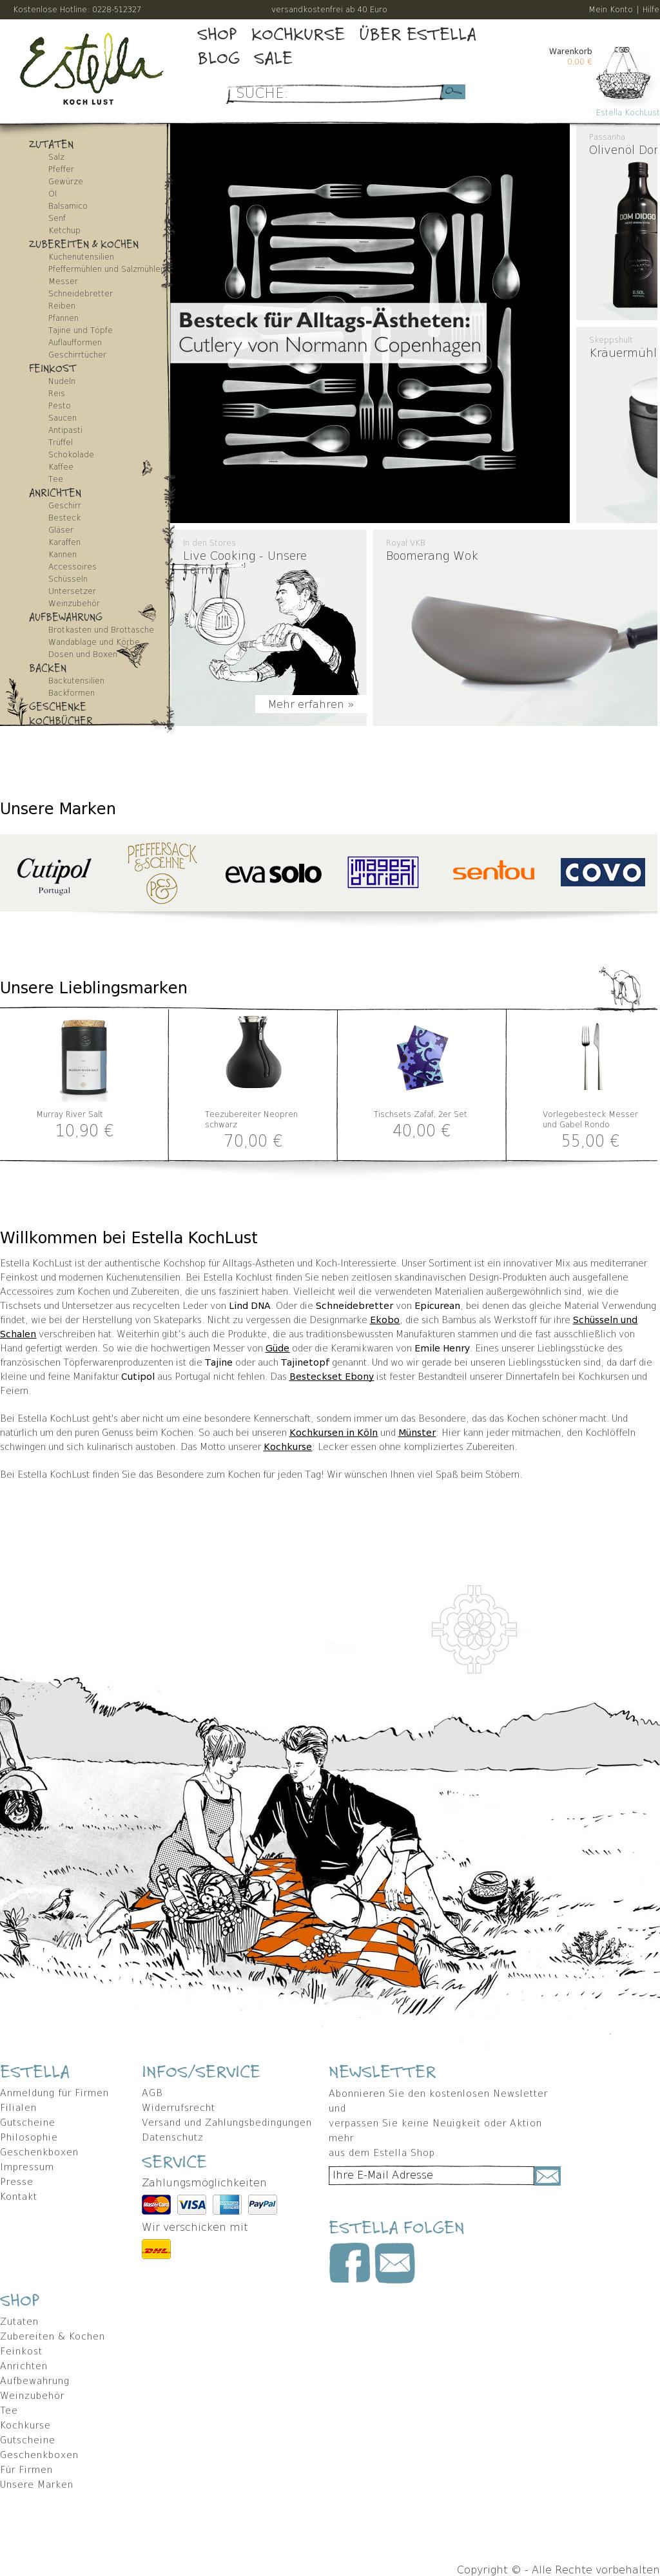 Estella Kochlust Competitors Revenue And Employees Owler Company Profile